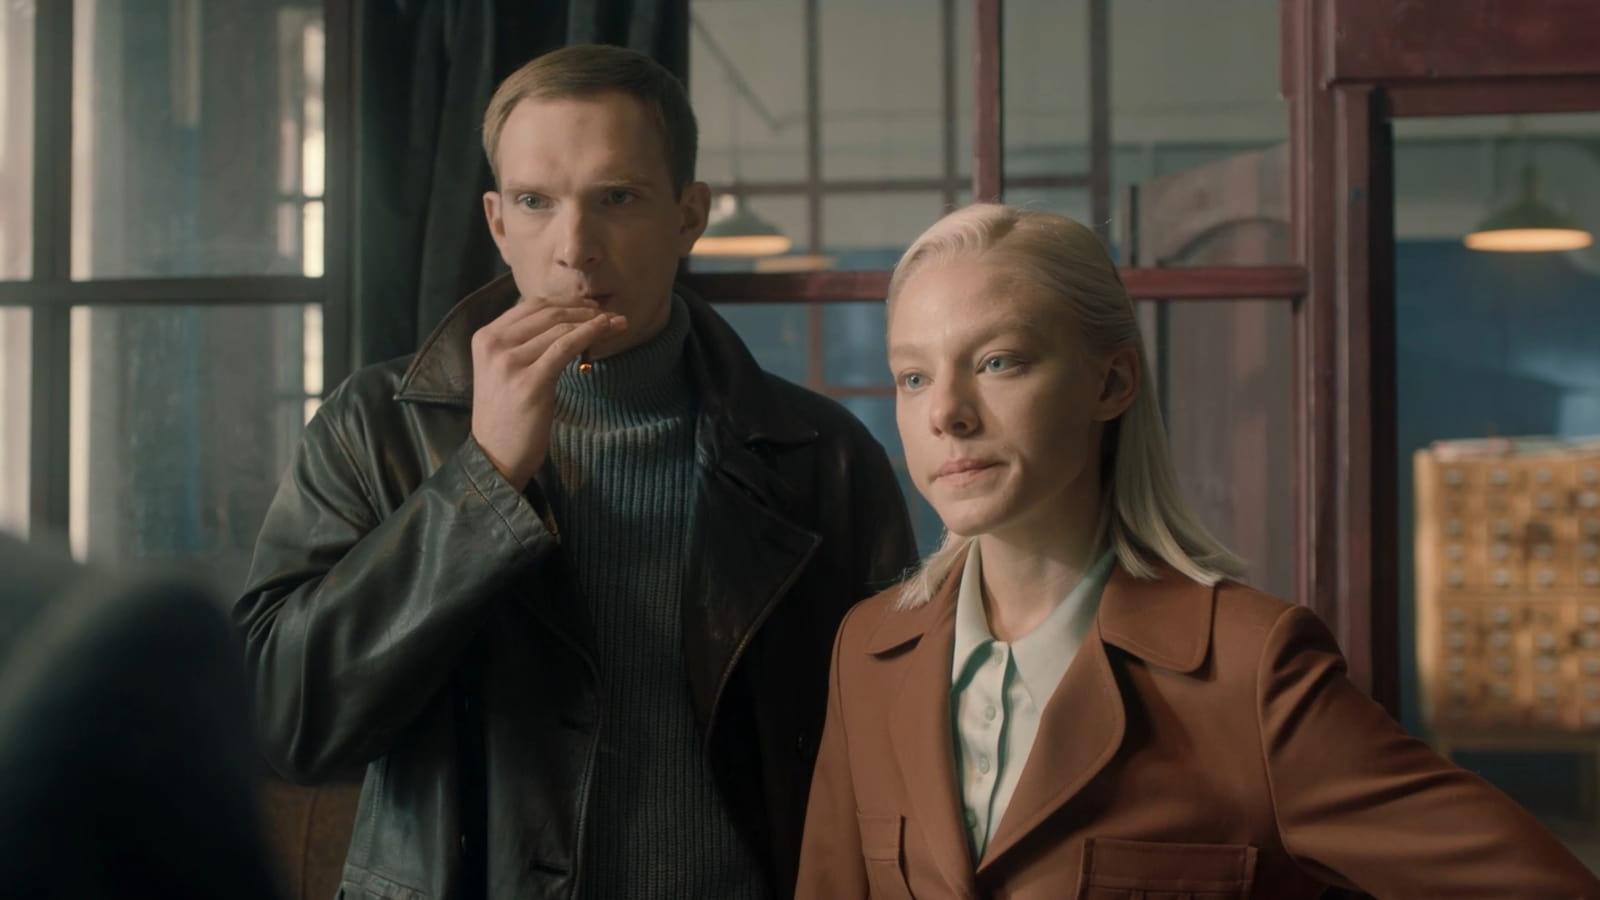 Андрей Бурковский и Алёна Михайлова в сериале «За час до рассвета» (2021)